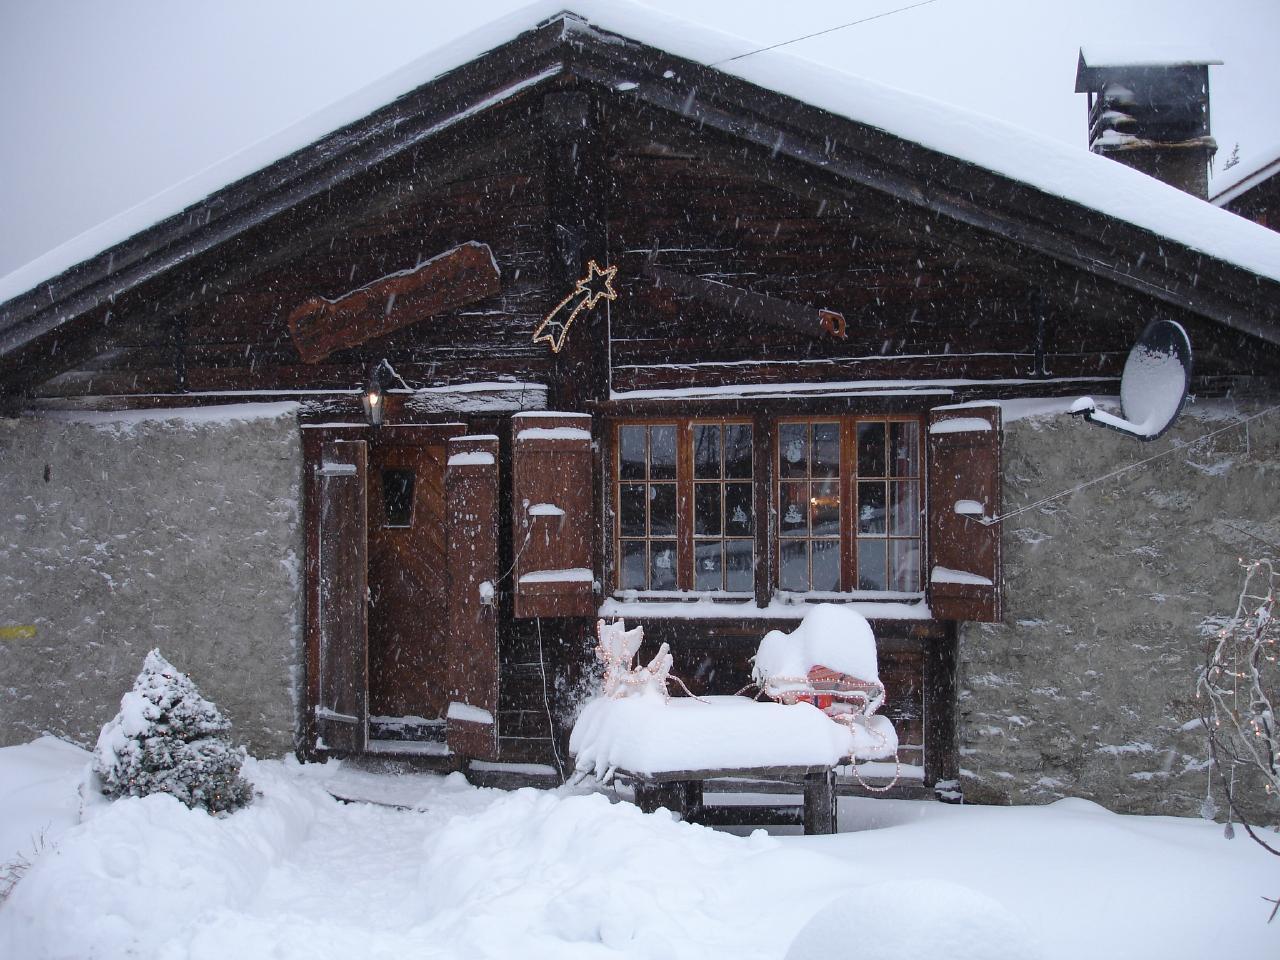 Ferienhaus Chalet Le Grandzon **** (bis 8 Personen) (2513703), Champex-Lac, Val d'Entremont, Wallis, Schweiz, Bild 12